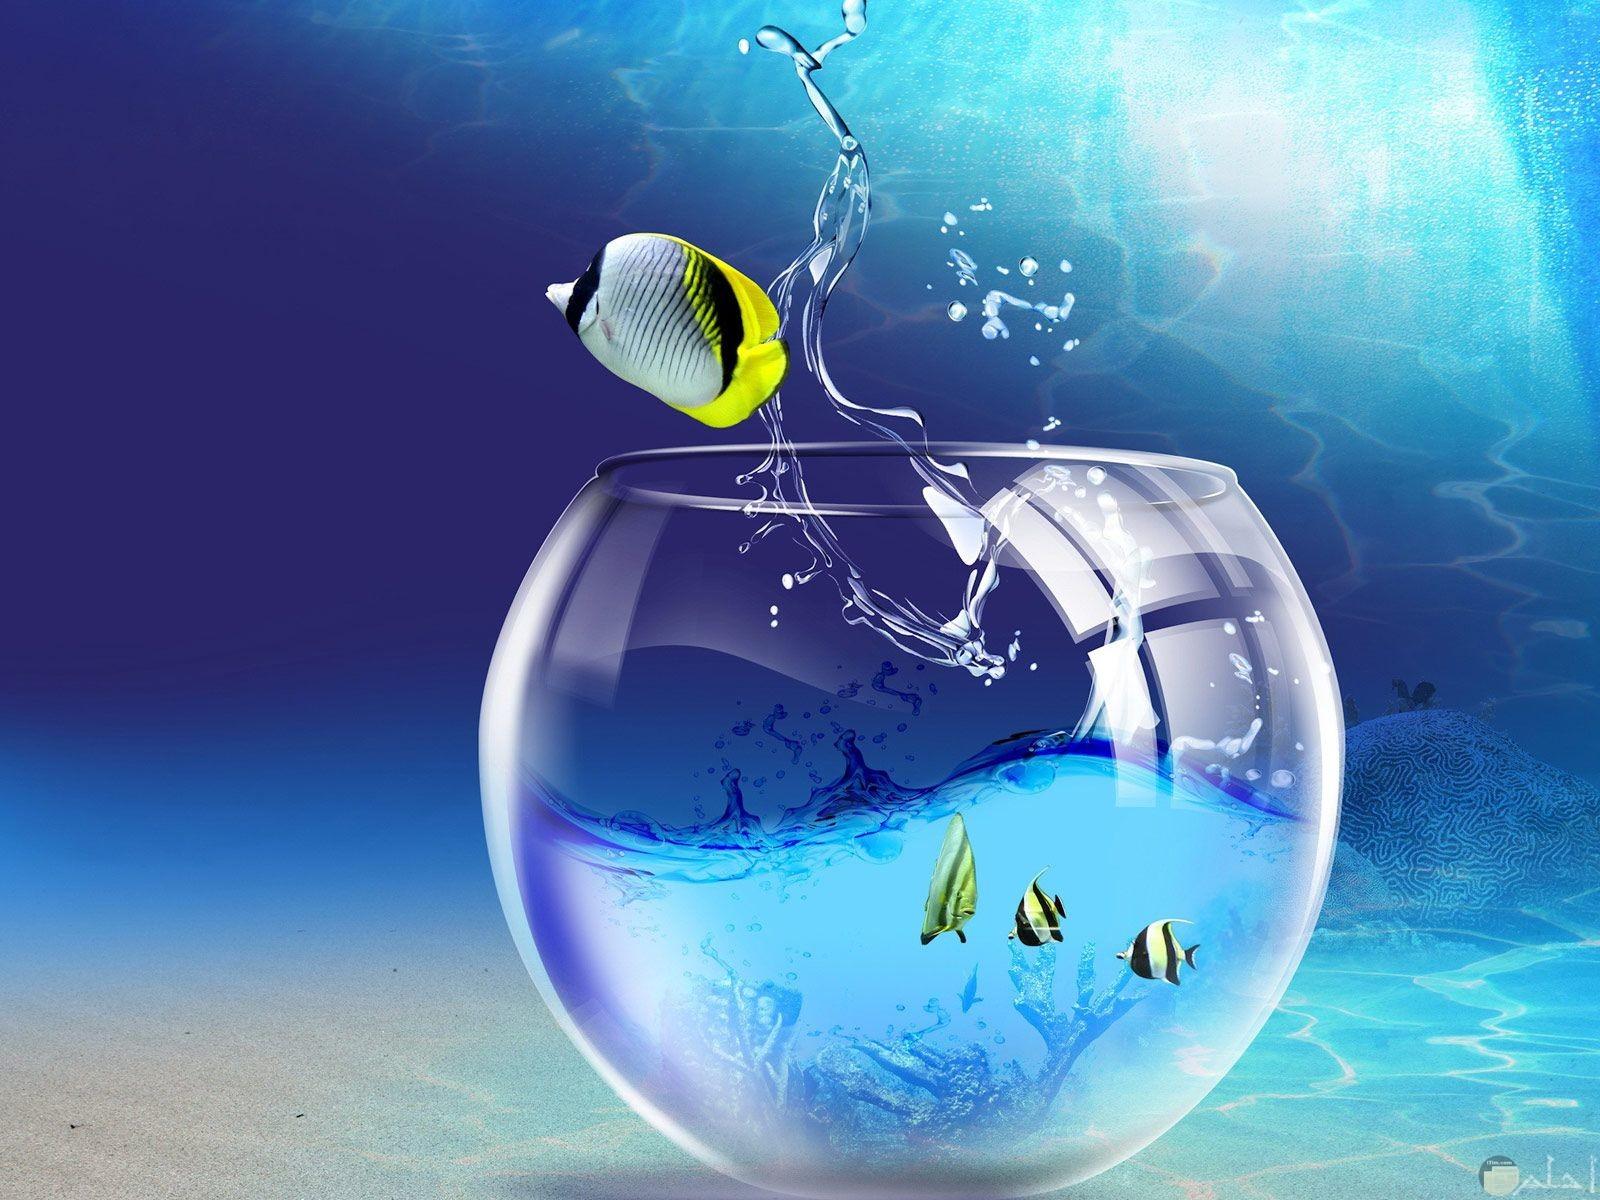 السمك و كأس الماء و روعة الفوتوشوب.